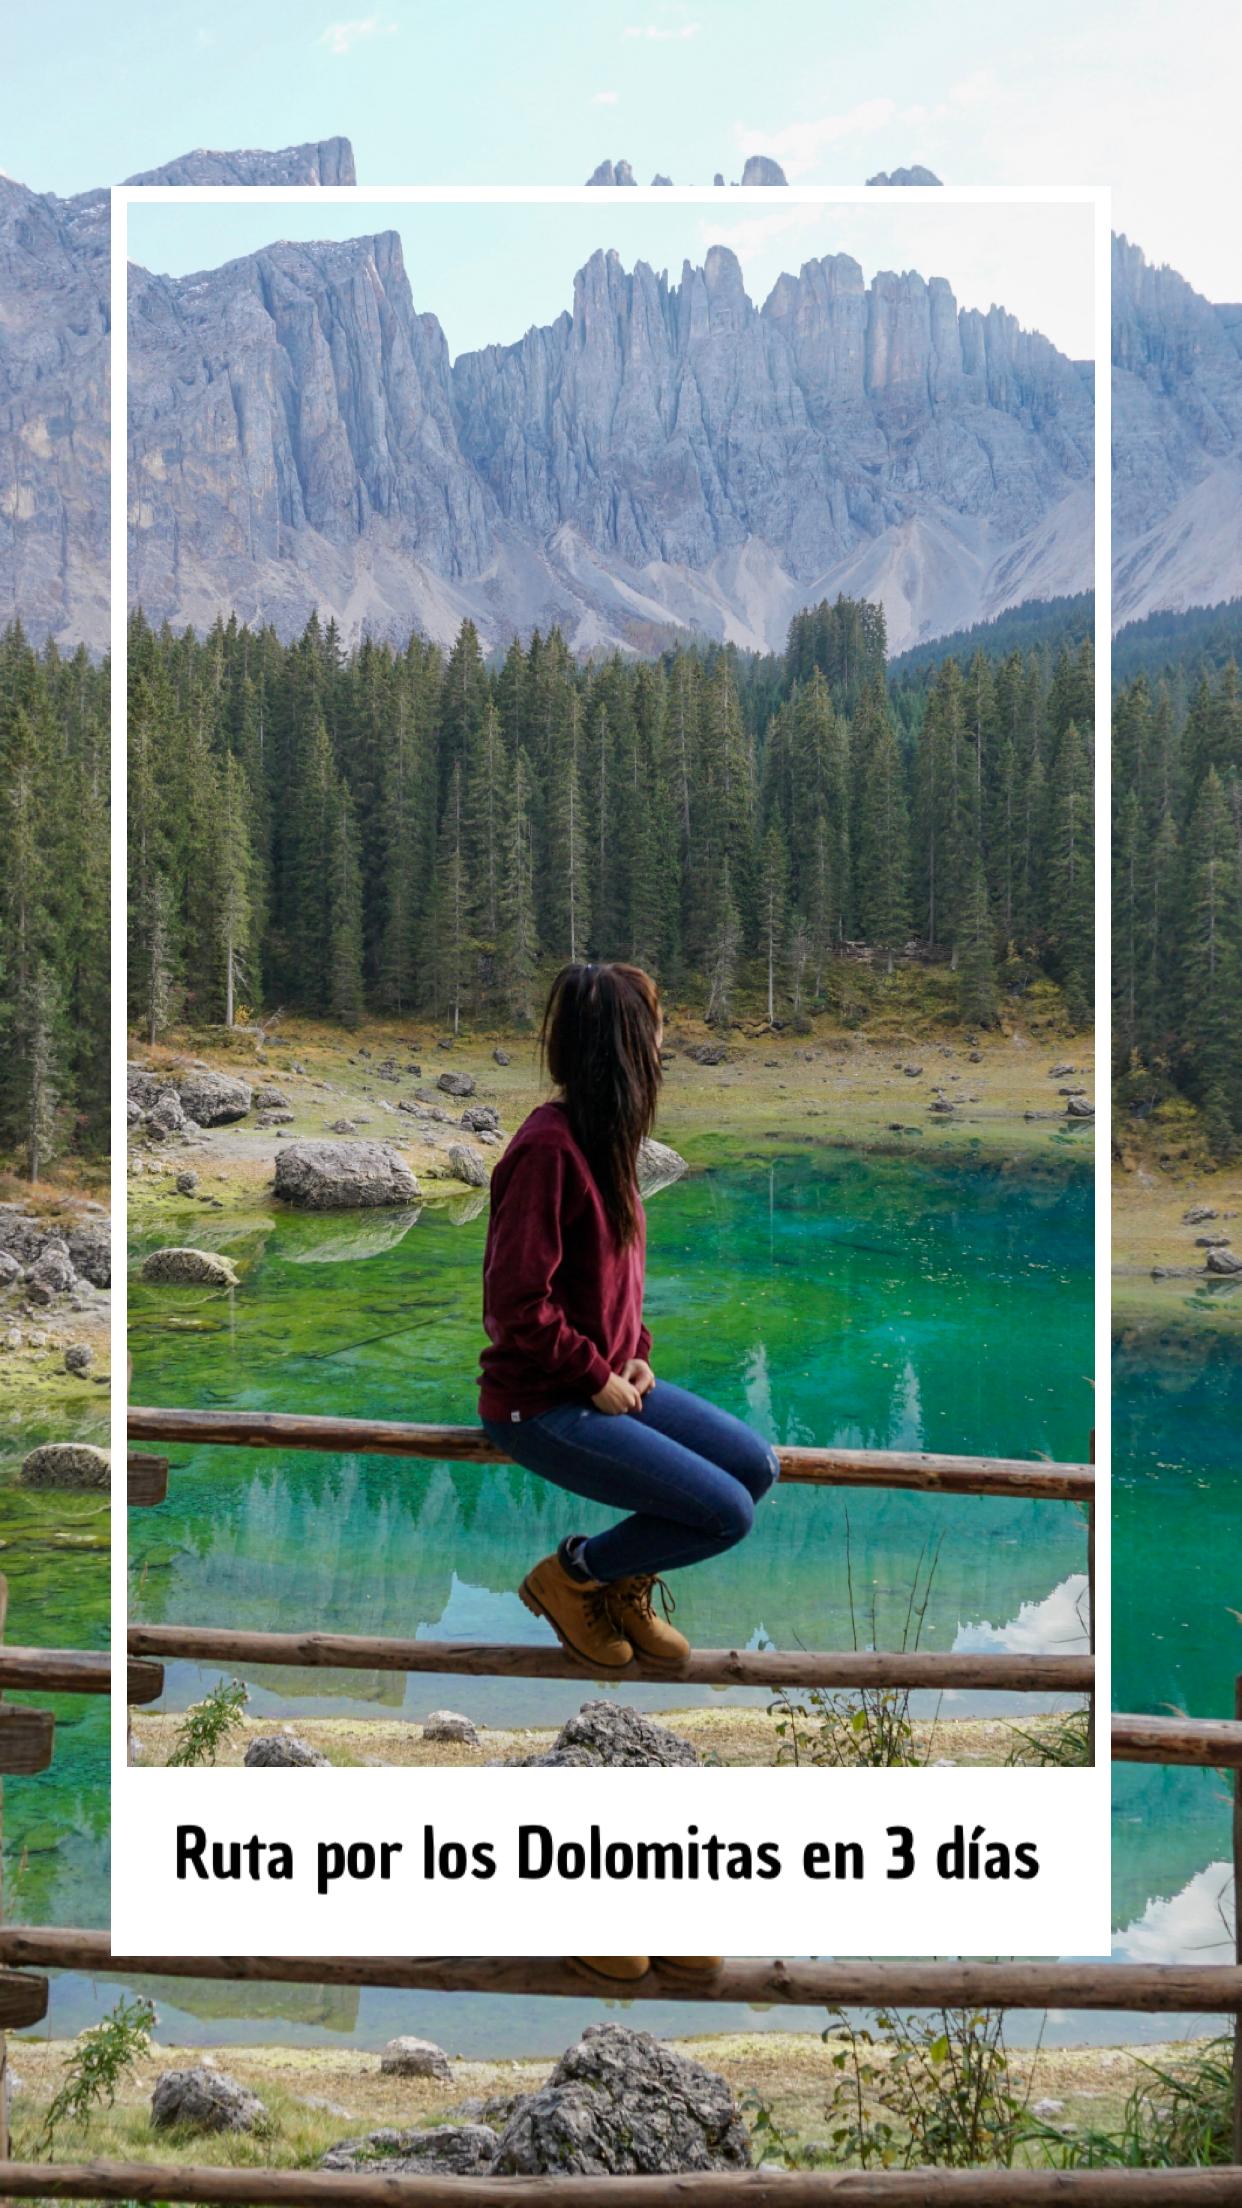 Ruta Por Los Dolomitas En 3 Días Nuestros Pasos Por El Mundo Los Dolomitas Rutas Viajes Internacionales